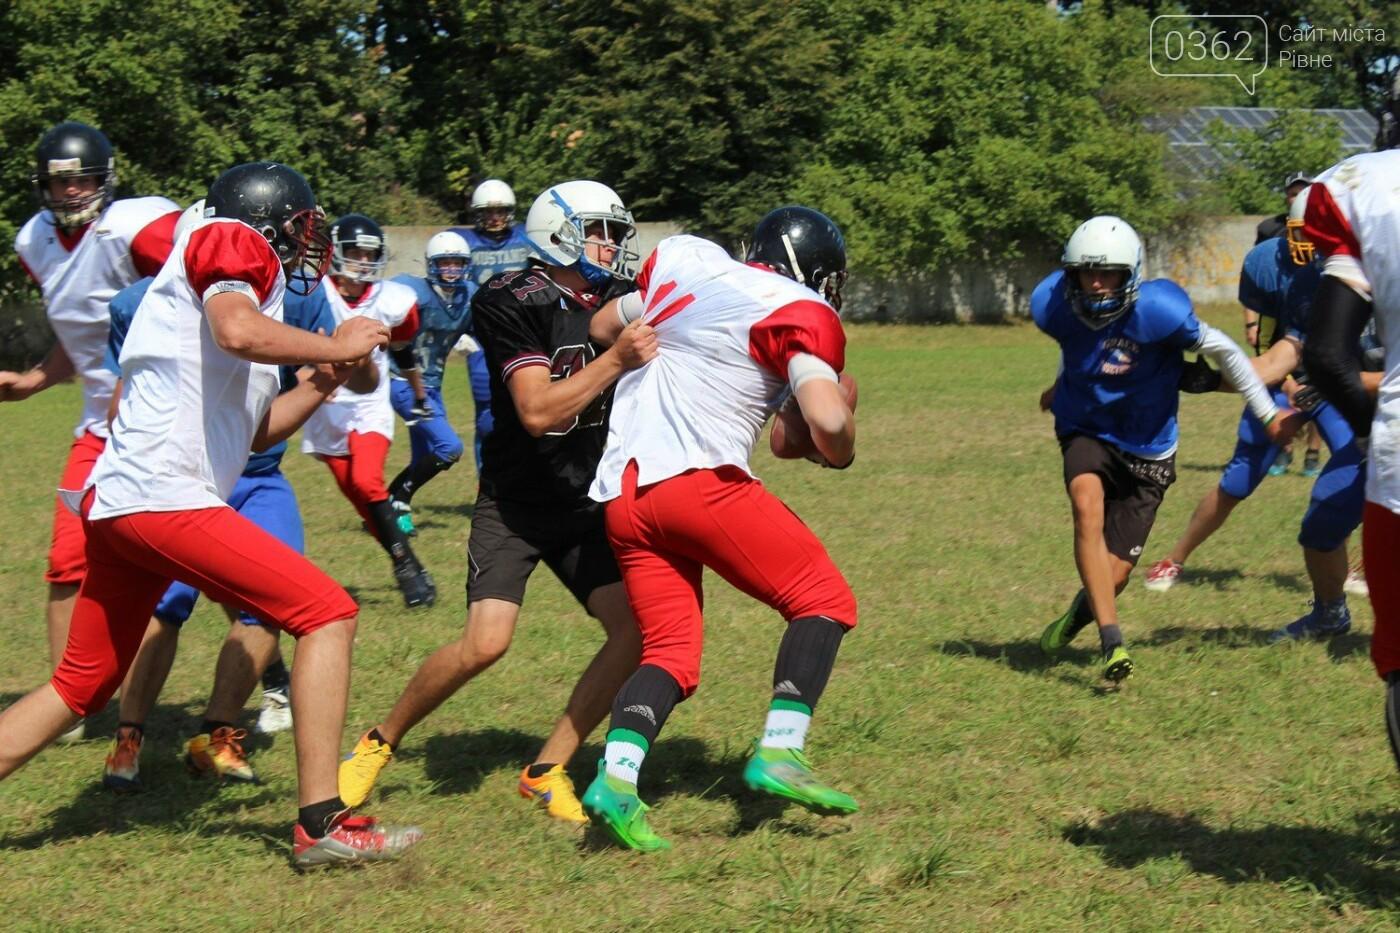 П'ять команд України з американського футболу зібралися на тренувальний табір на Рівненщині (ФОТОРЕПОРТАЖ), фото-7